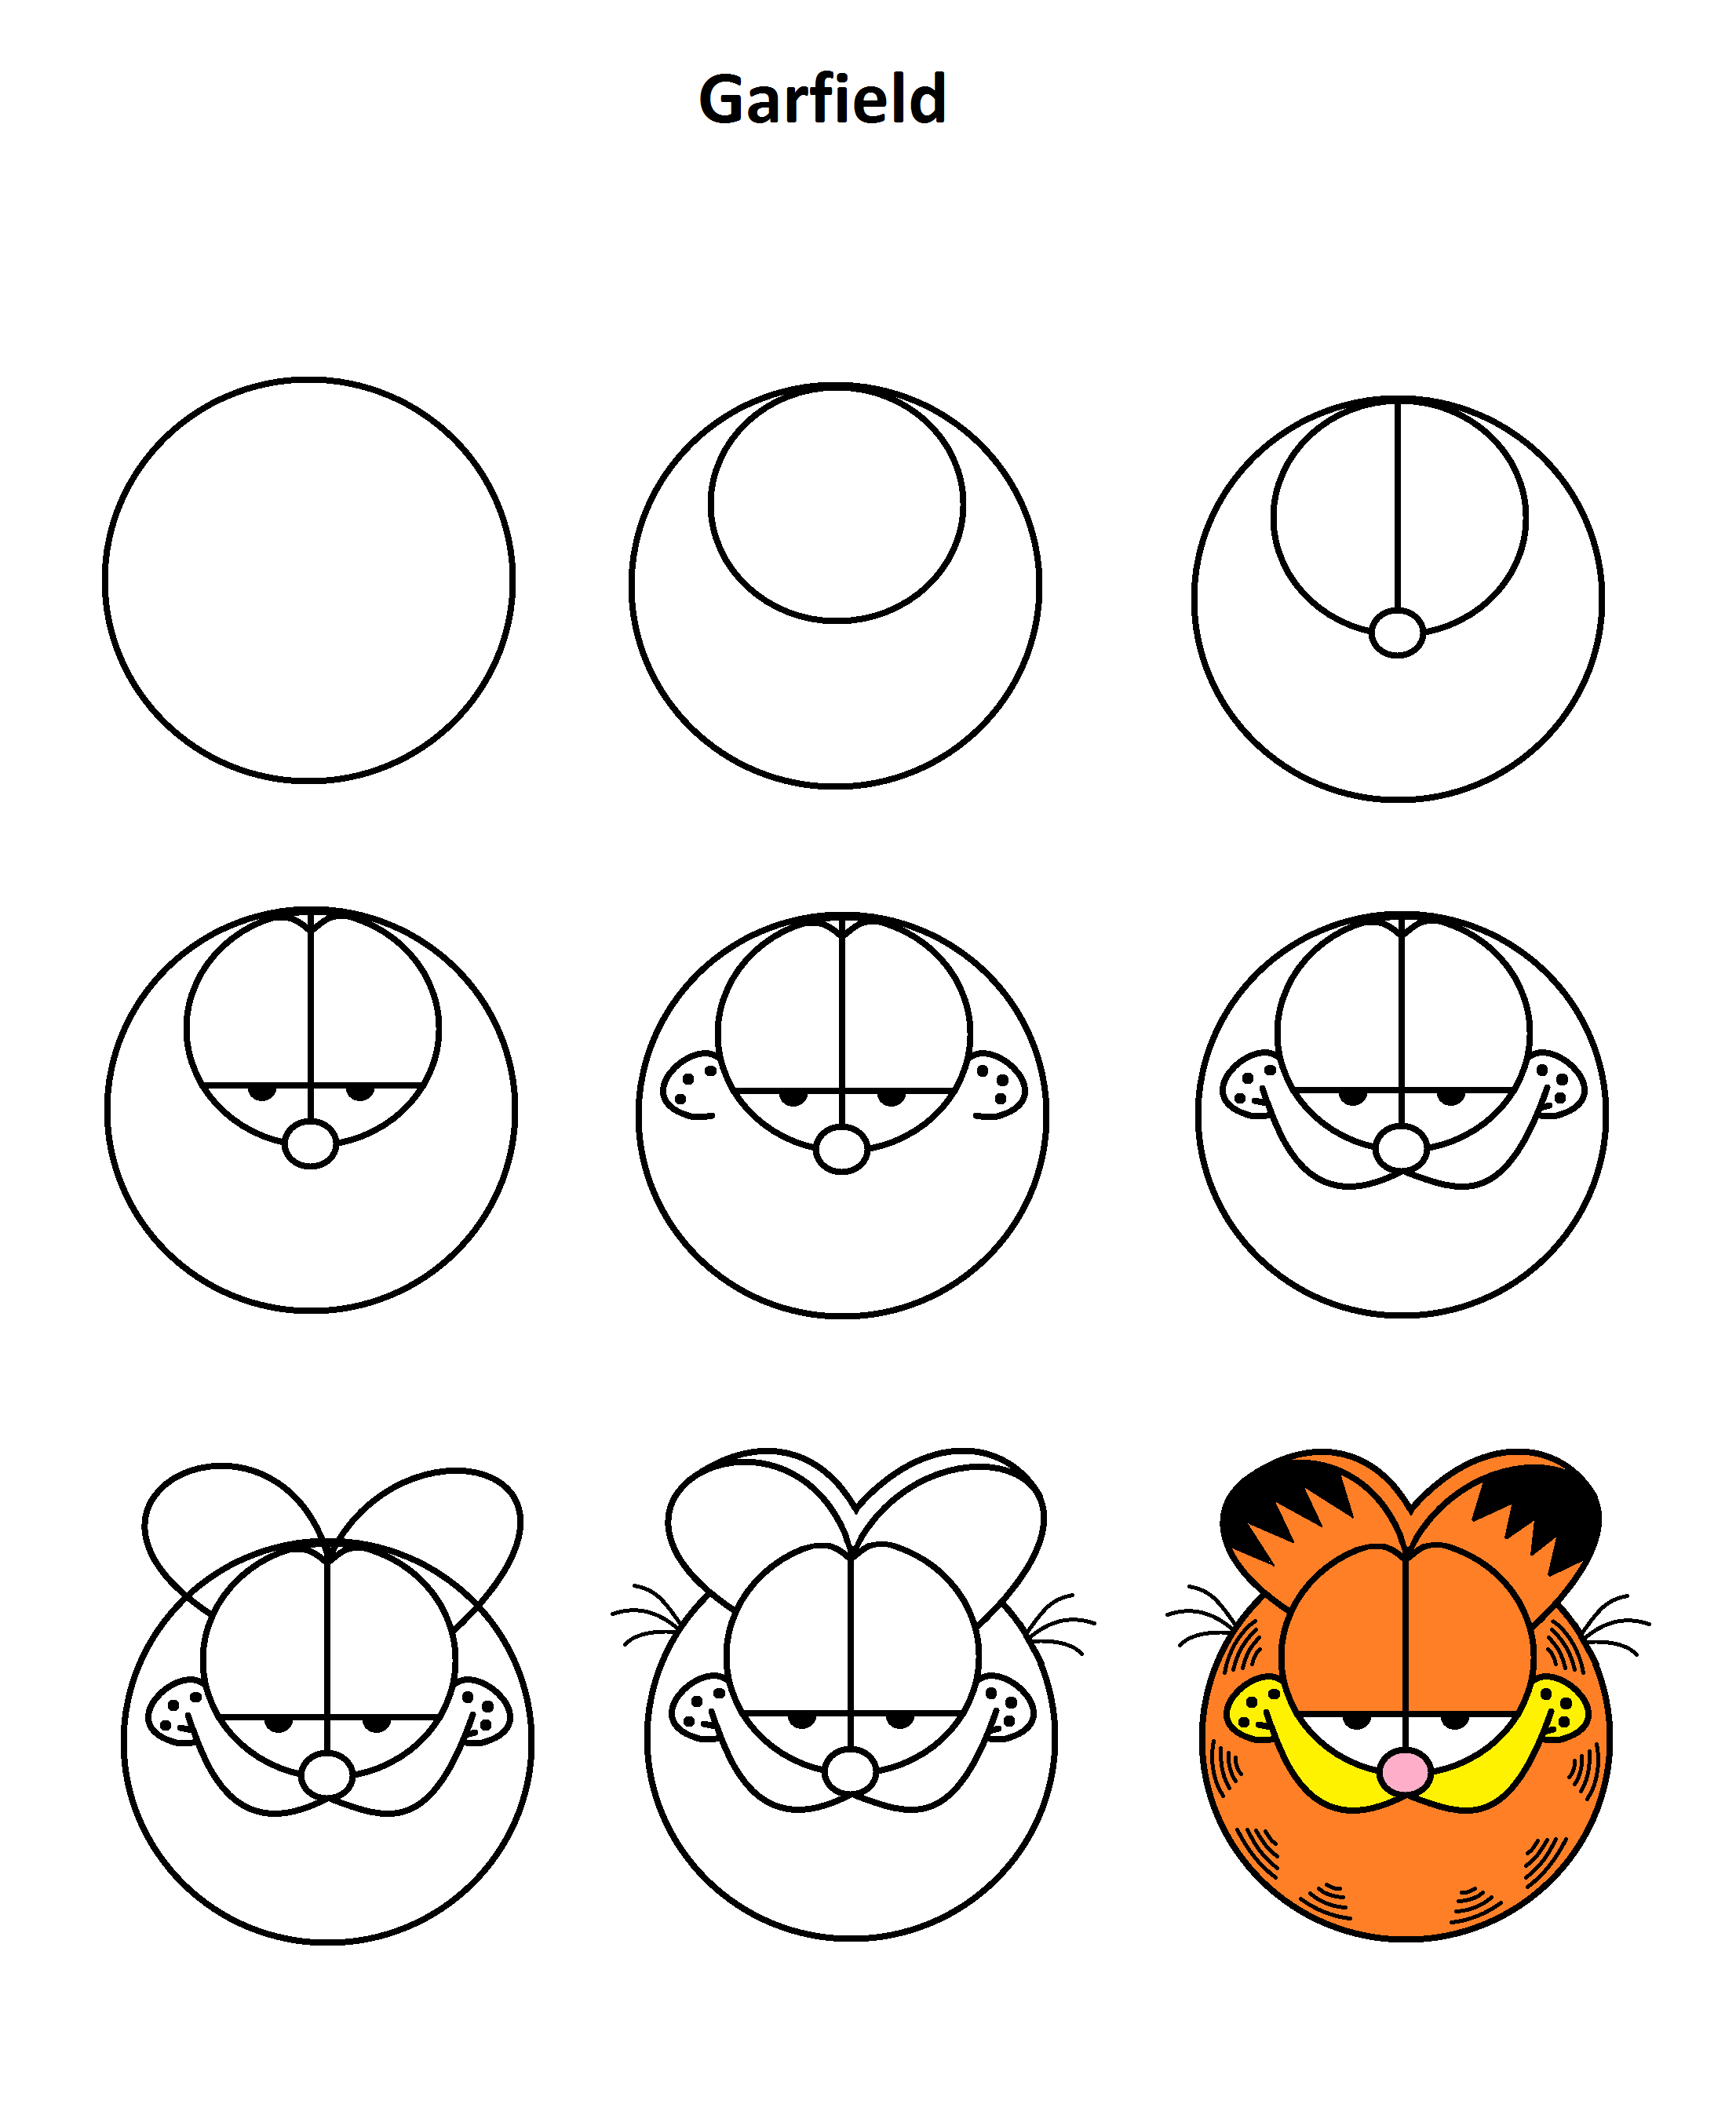 Garfield Step By Step Tutorial Drawing Tutorial Cartoon Drawings Cute Easy Drawings